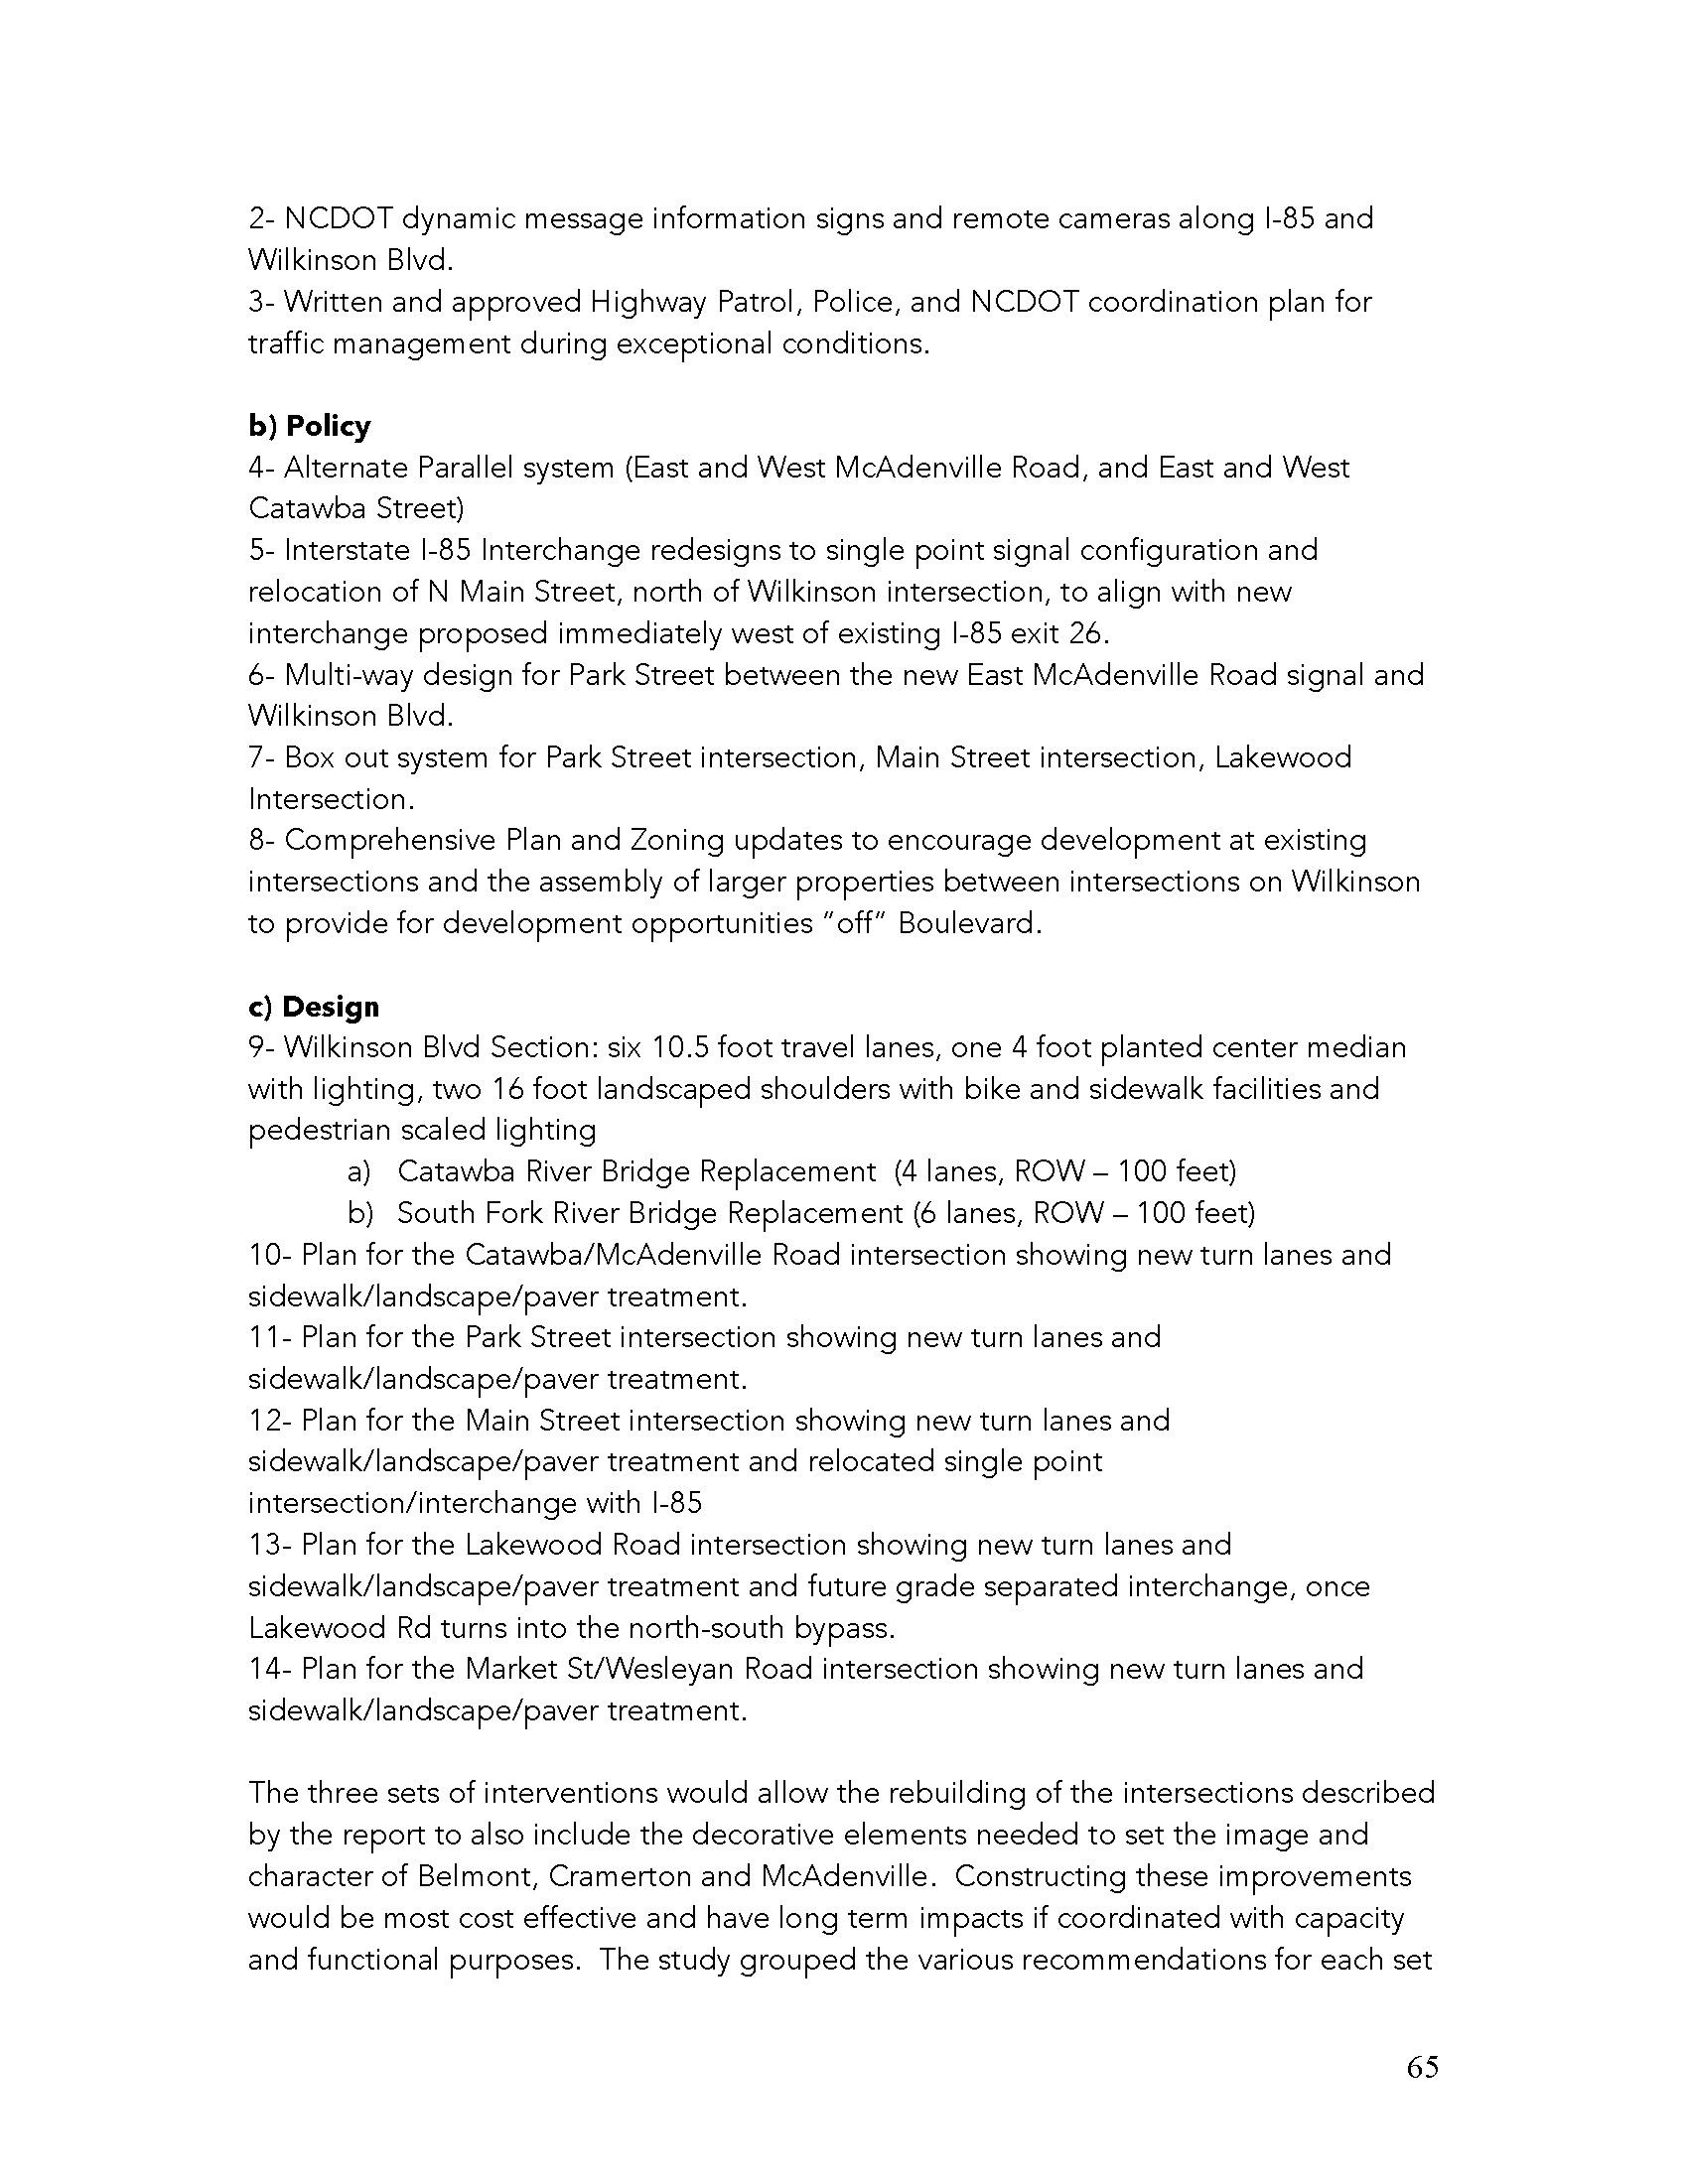 1 WilkinsonBlvd Draft Report 1-22-15 RH_Peter Edit_Page_65.jpg